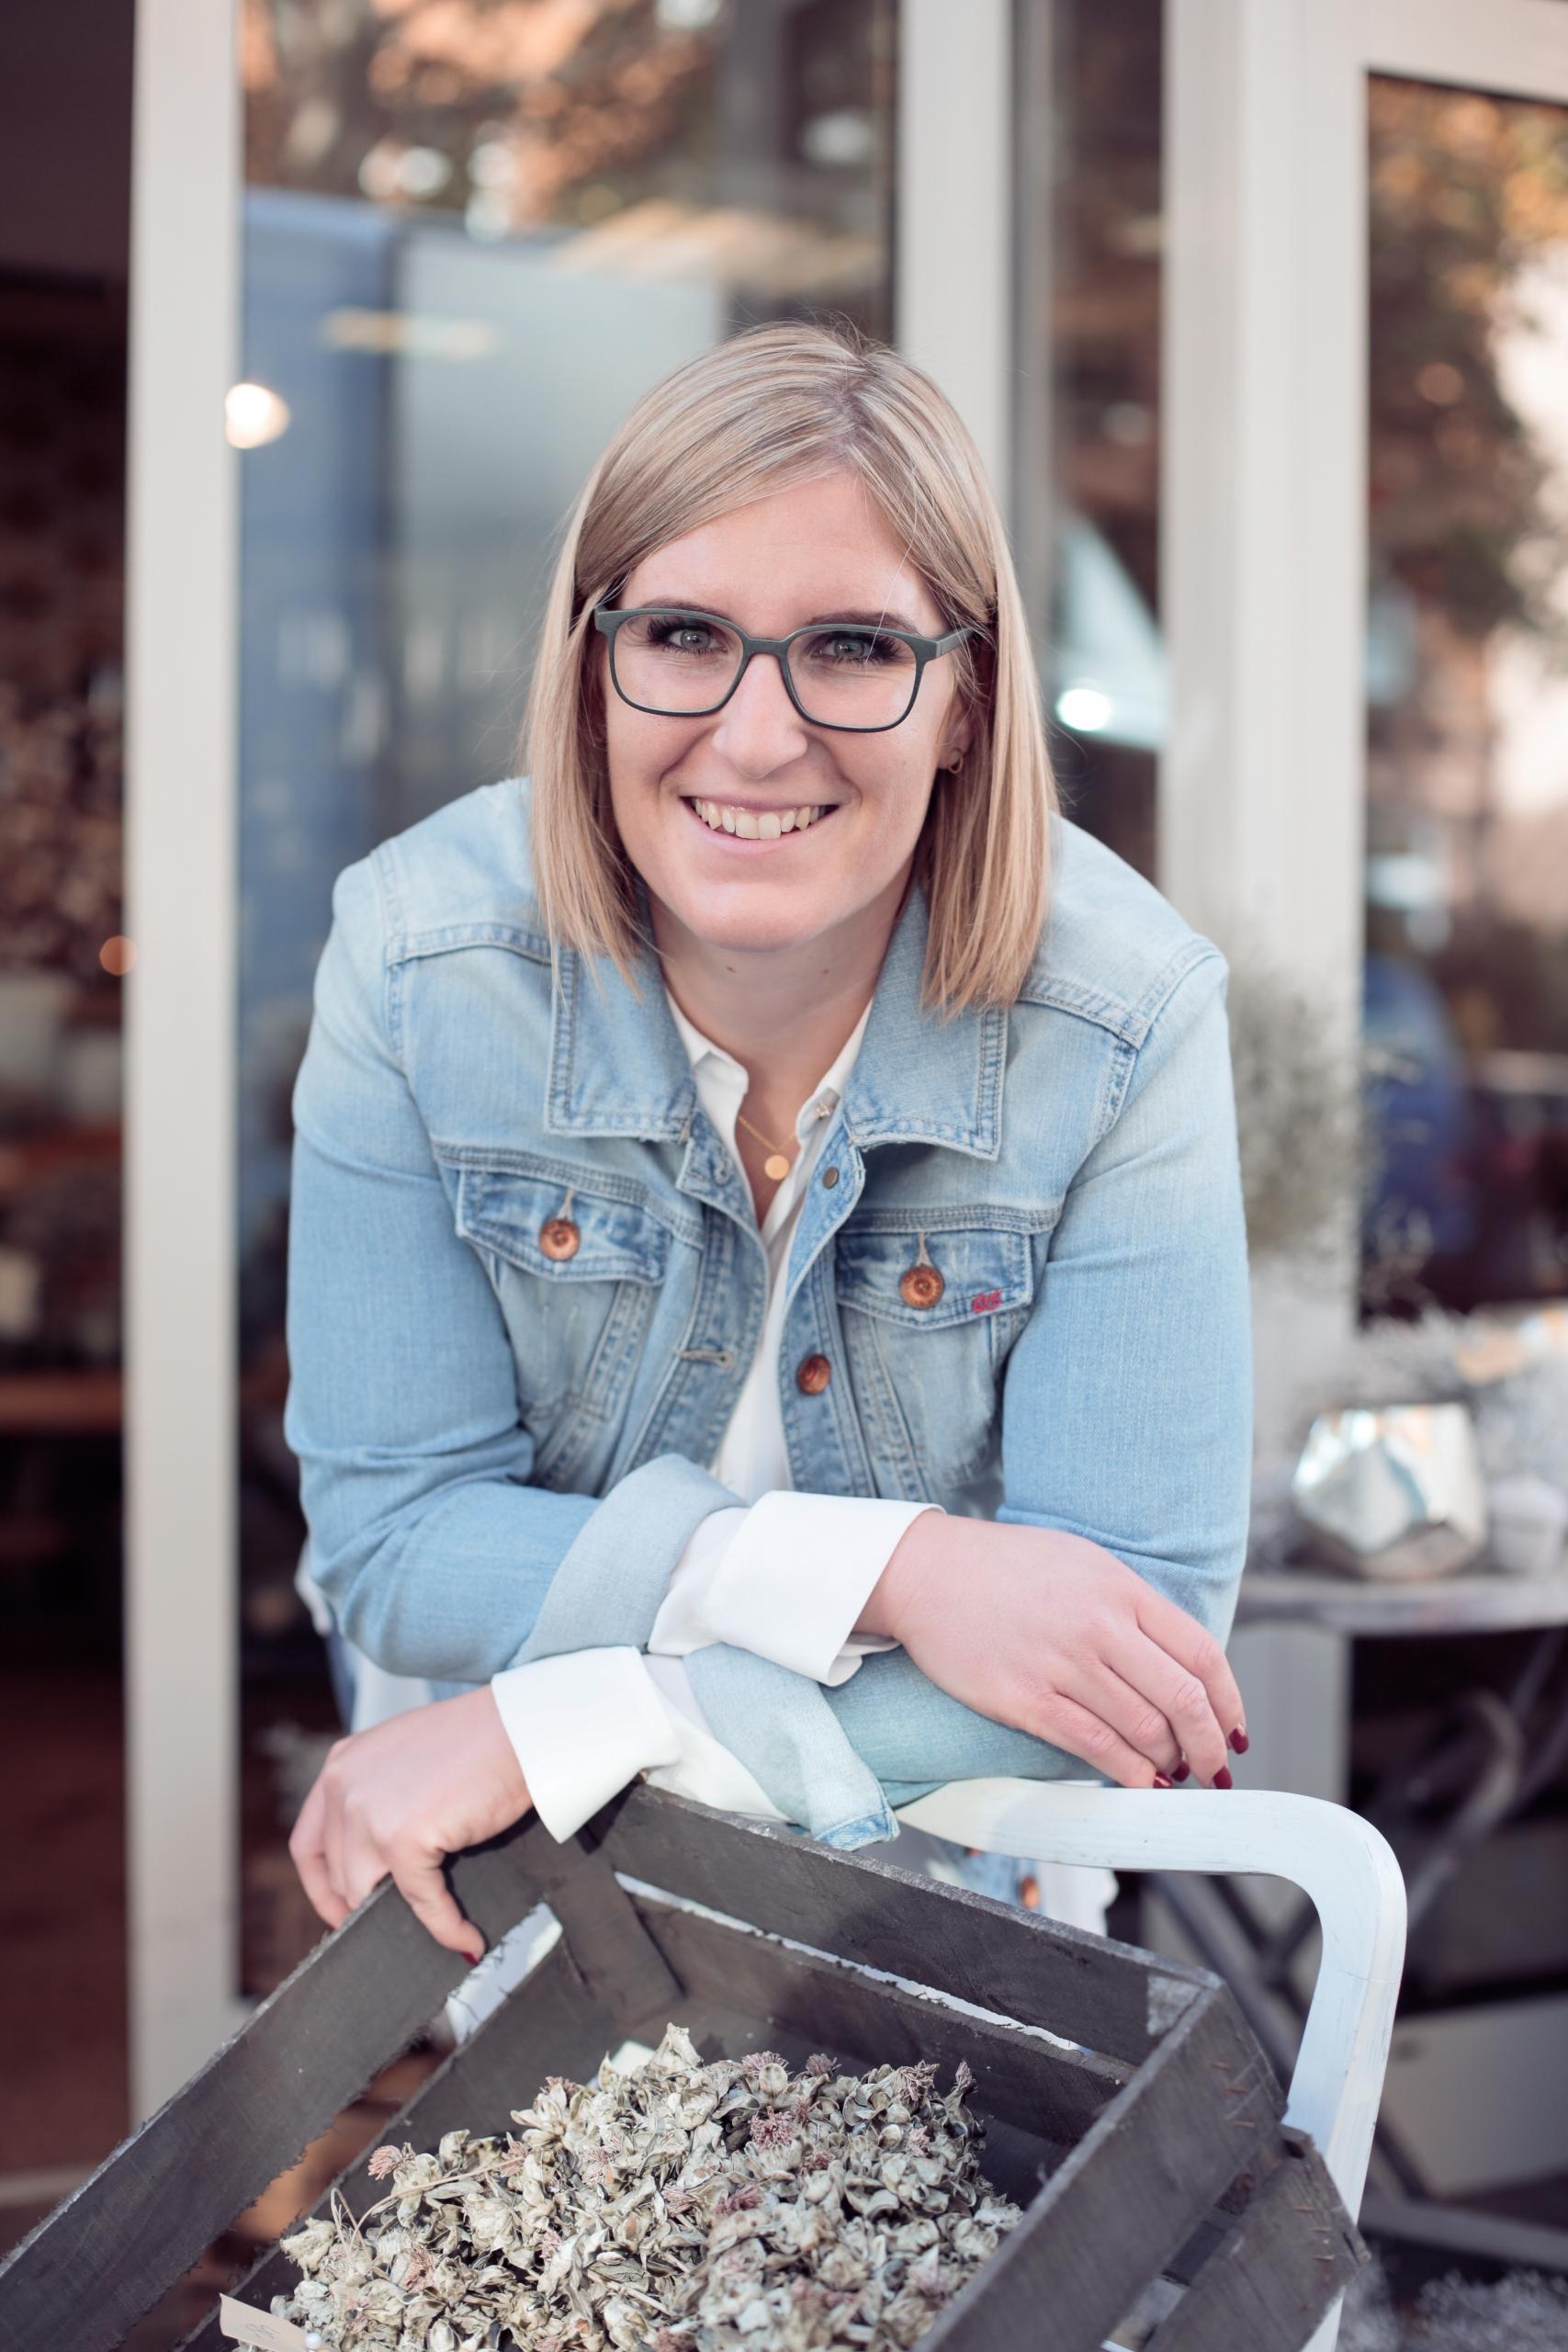 Fabienne Happold